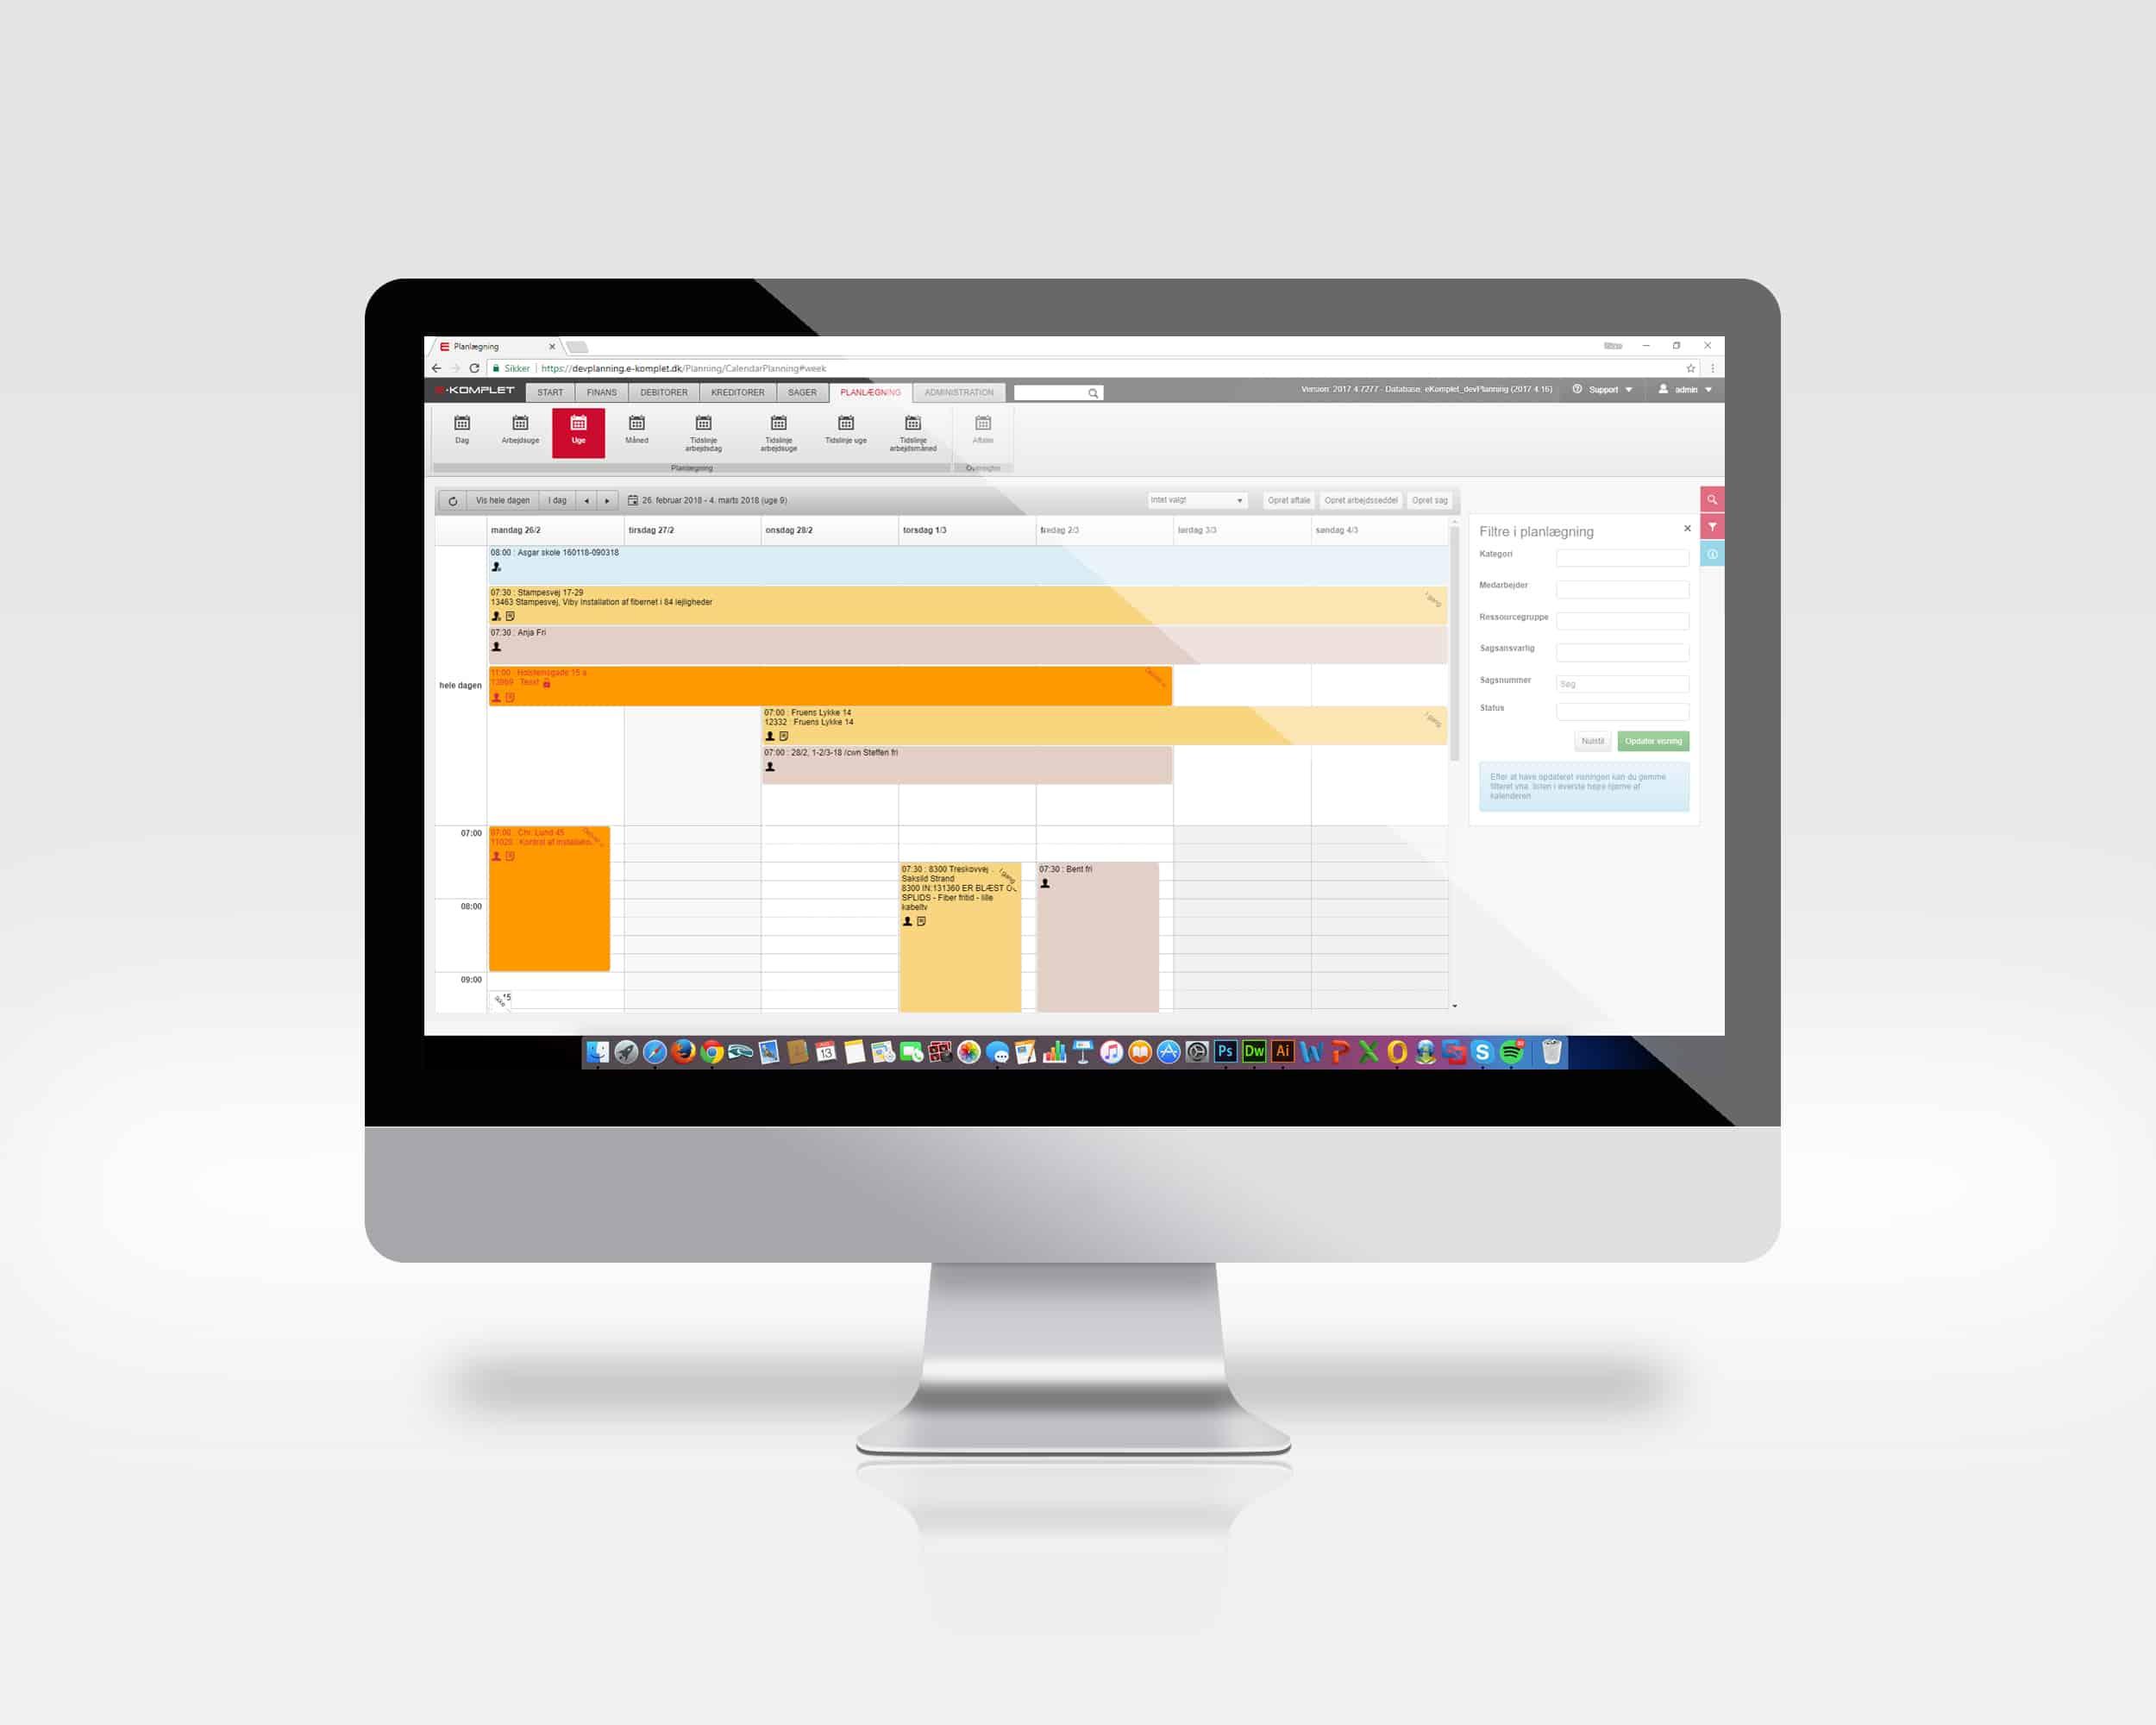 E-Komplets planlægningsmodul er fuldt integreret med resten af løsningen